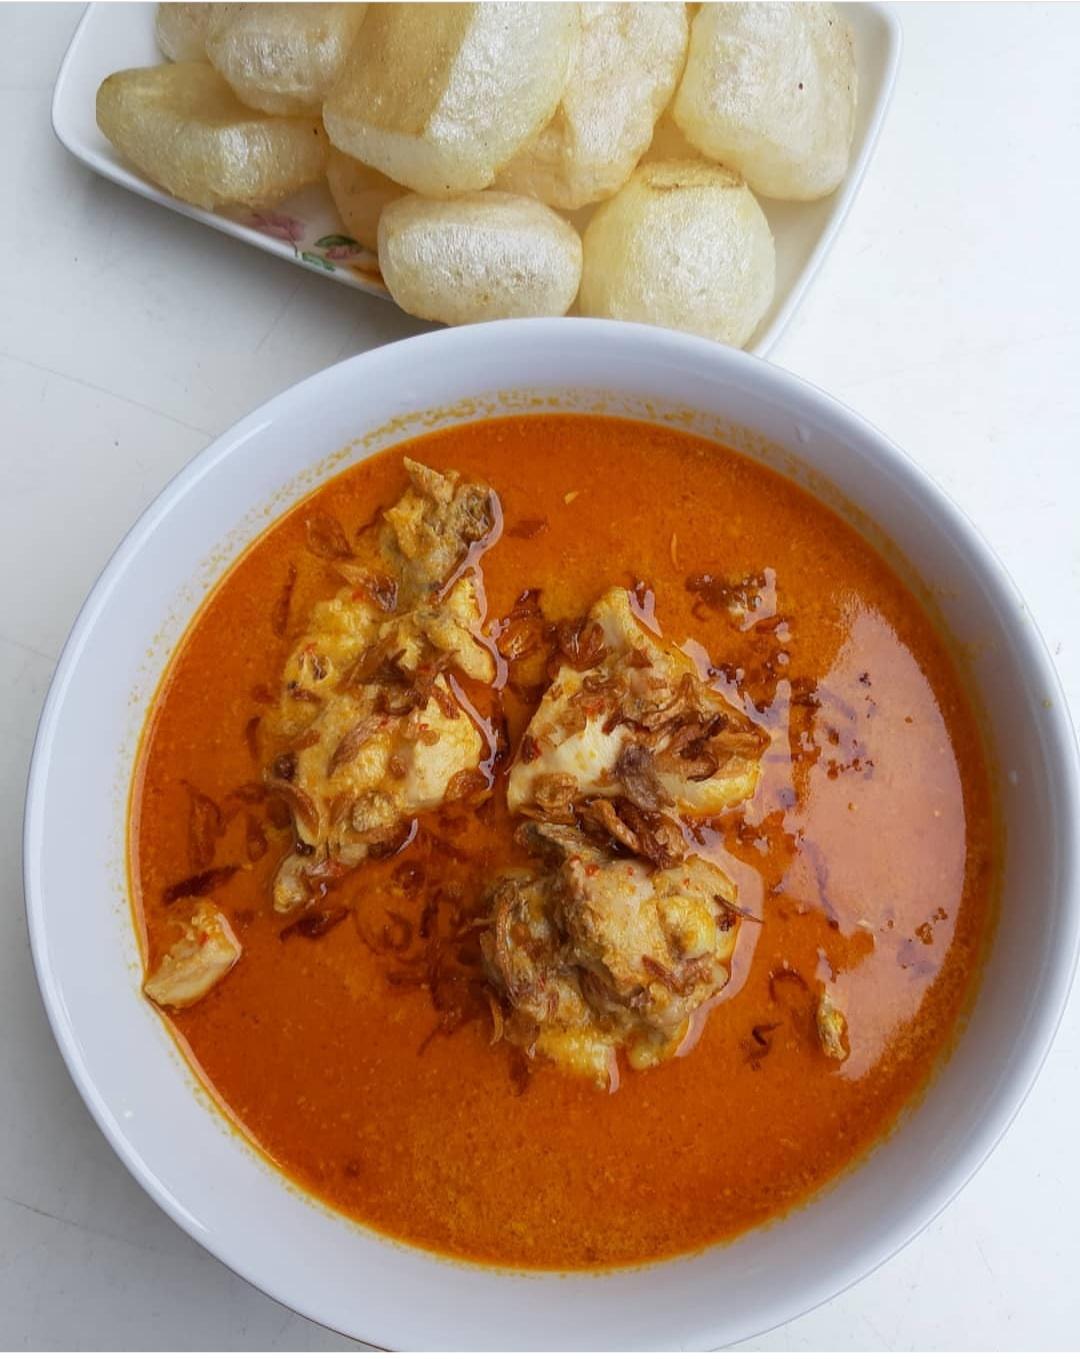 Resep Gulai Ayam Spesial : resep, gulai, spesial, Resep, Masakan, Gulai, Spesial